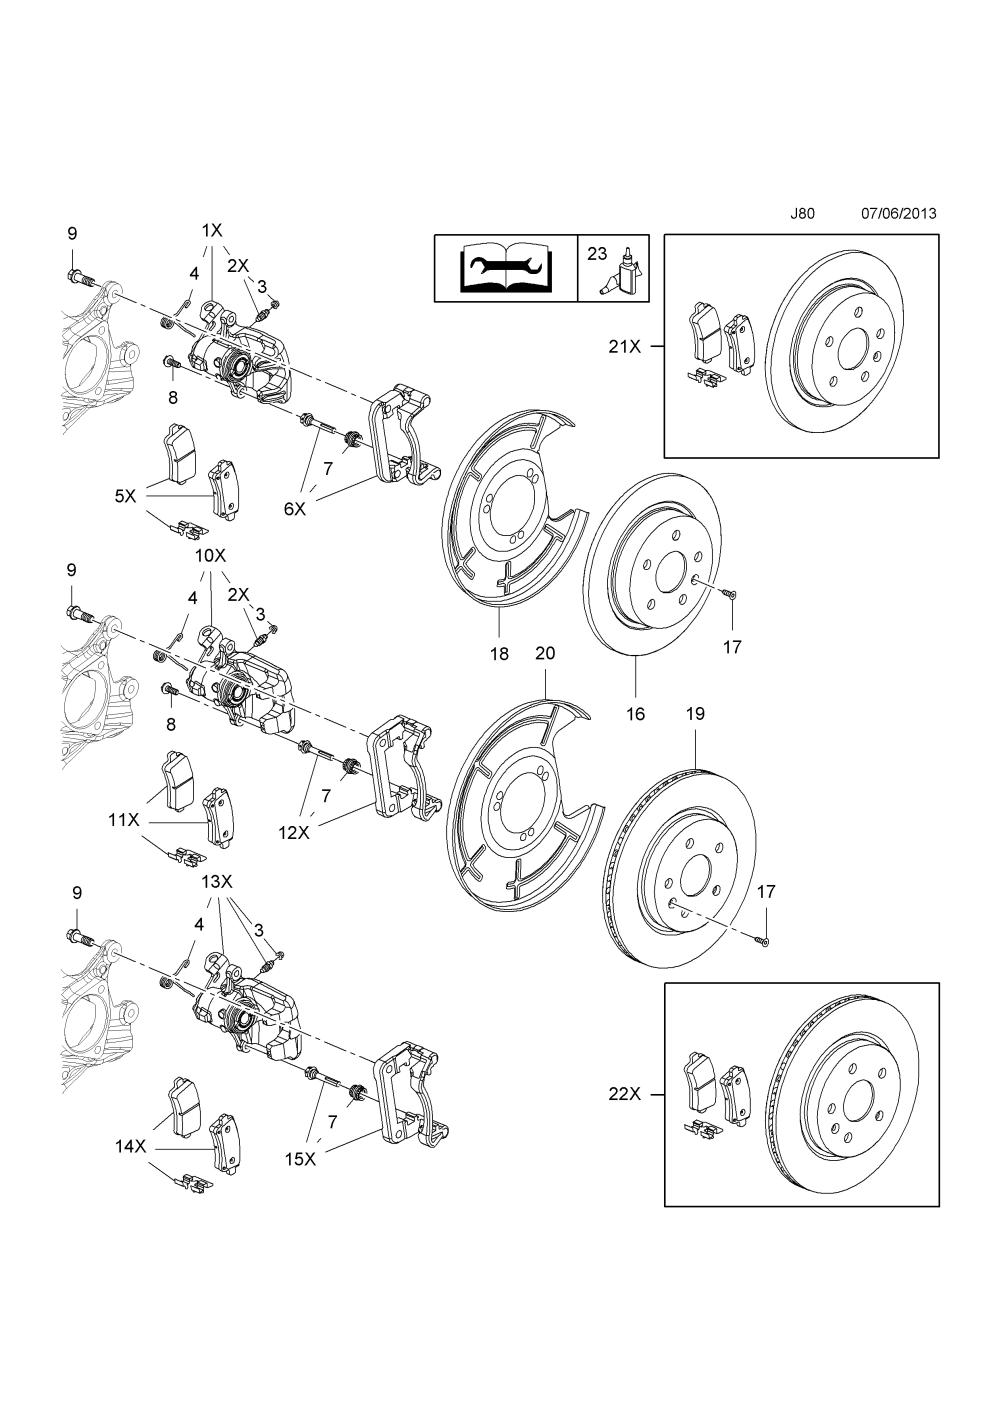 medium resolution of opel brakes diagram electrical engineering wiring diagramopel brakes diagram